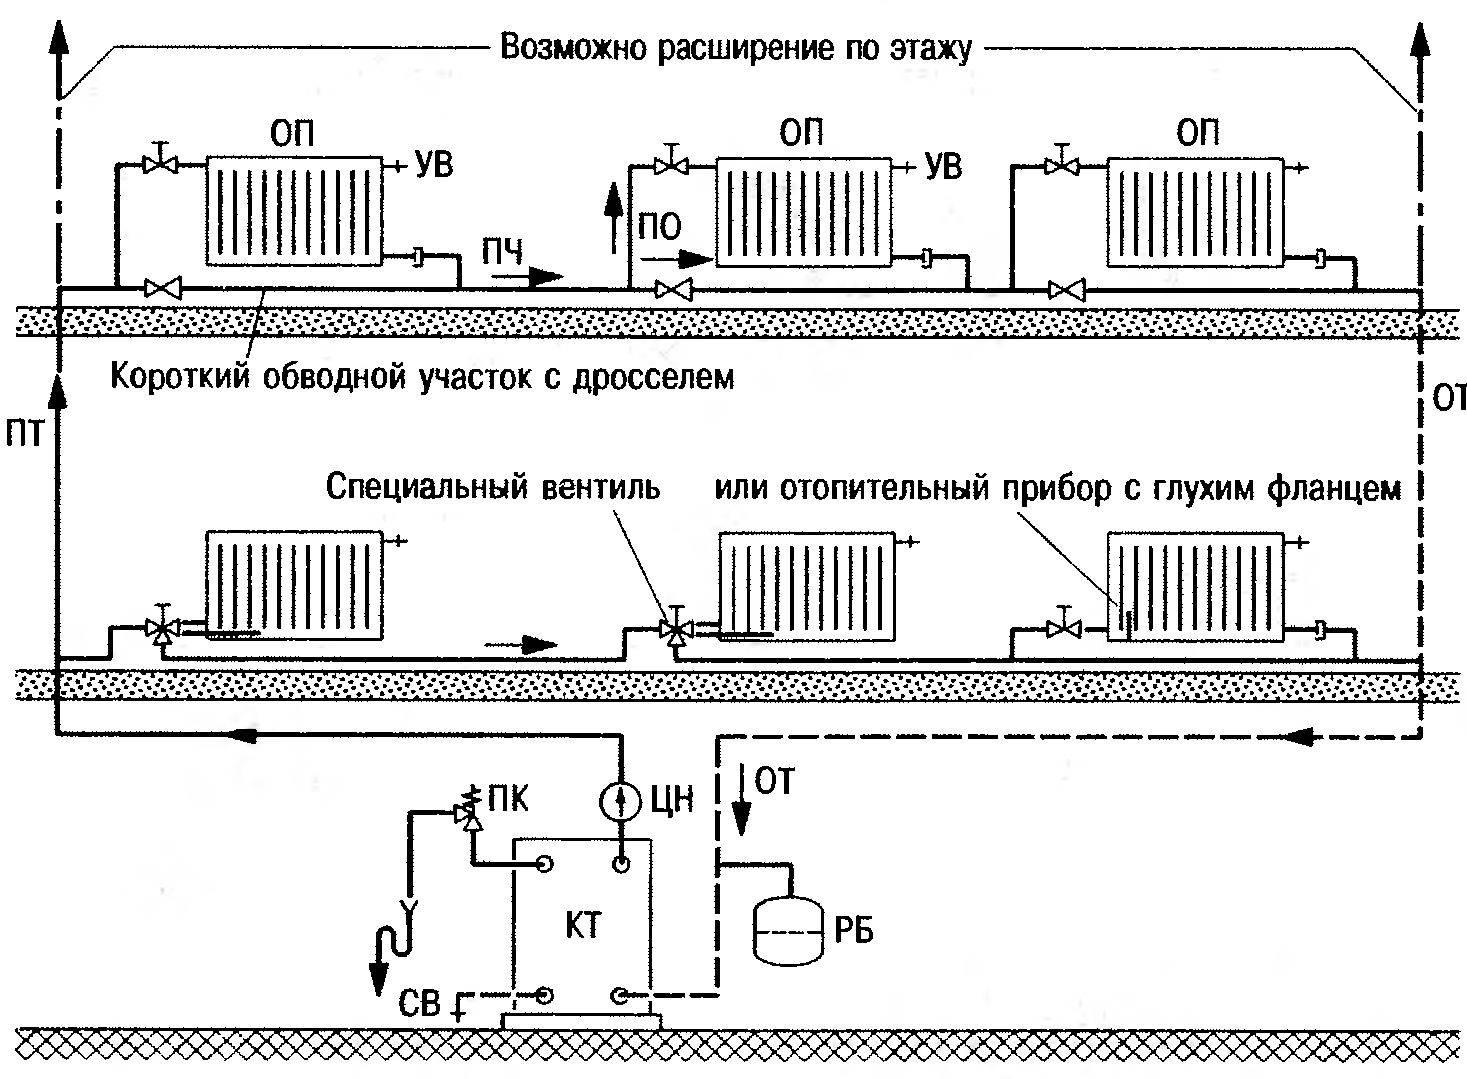 Система отопления «ленинградка» в частном доме – принцип действия, преимущества и недостатки